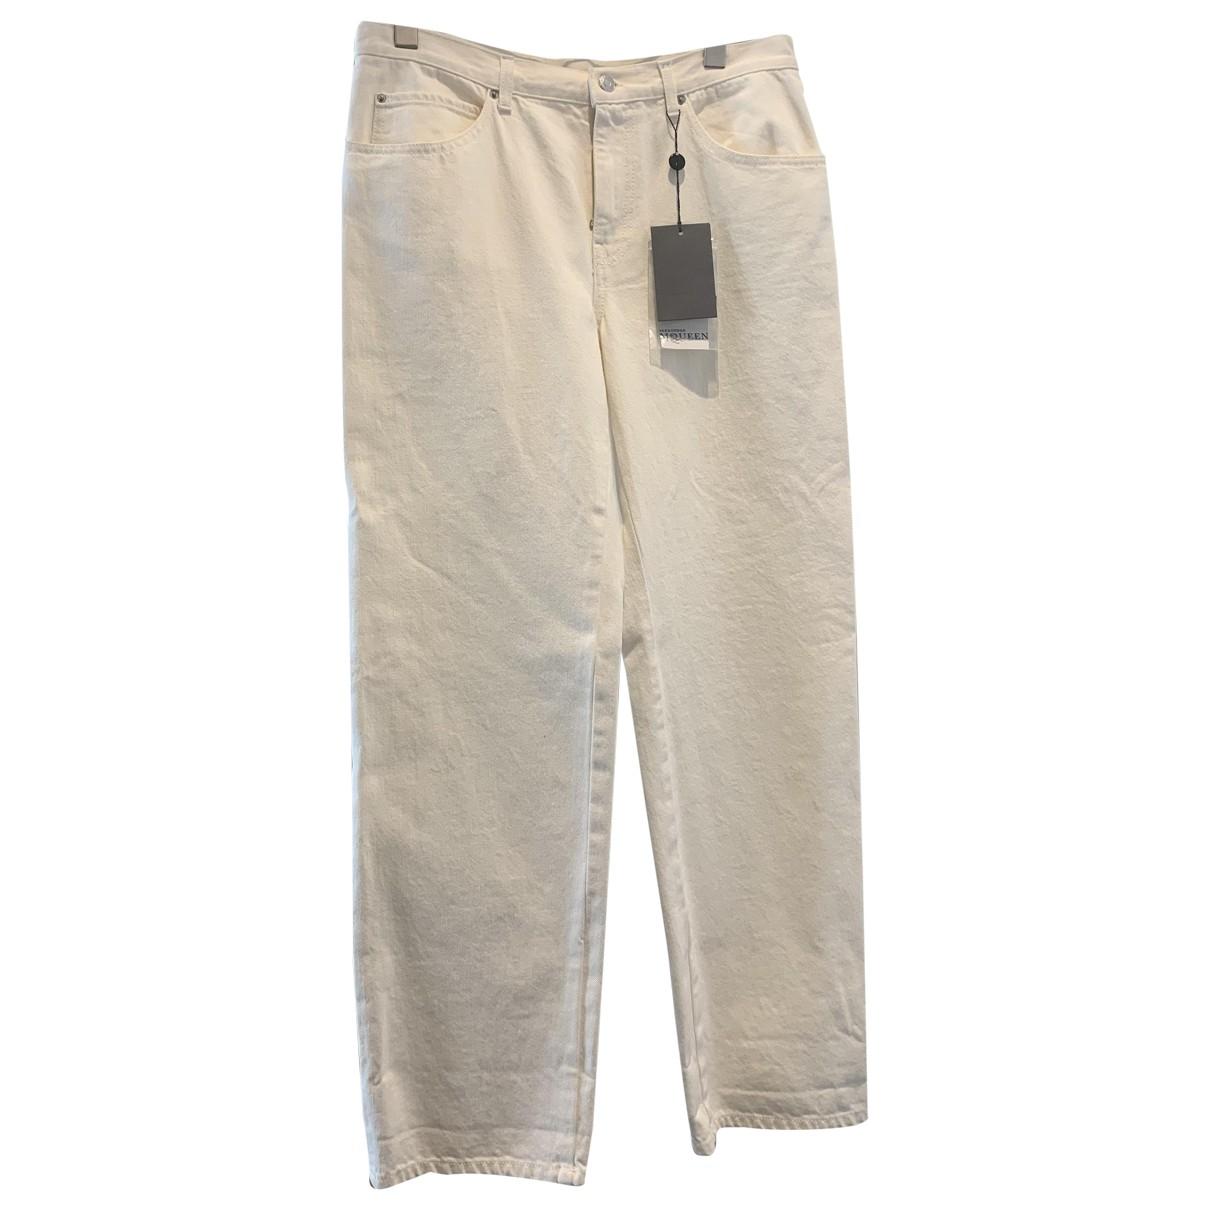 Alexander Mcqueen \N White Denim - Jeans Jeans for Women 40 IT